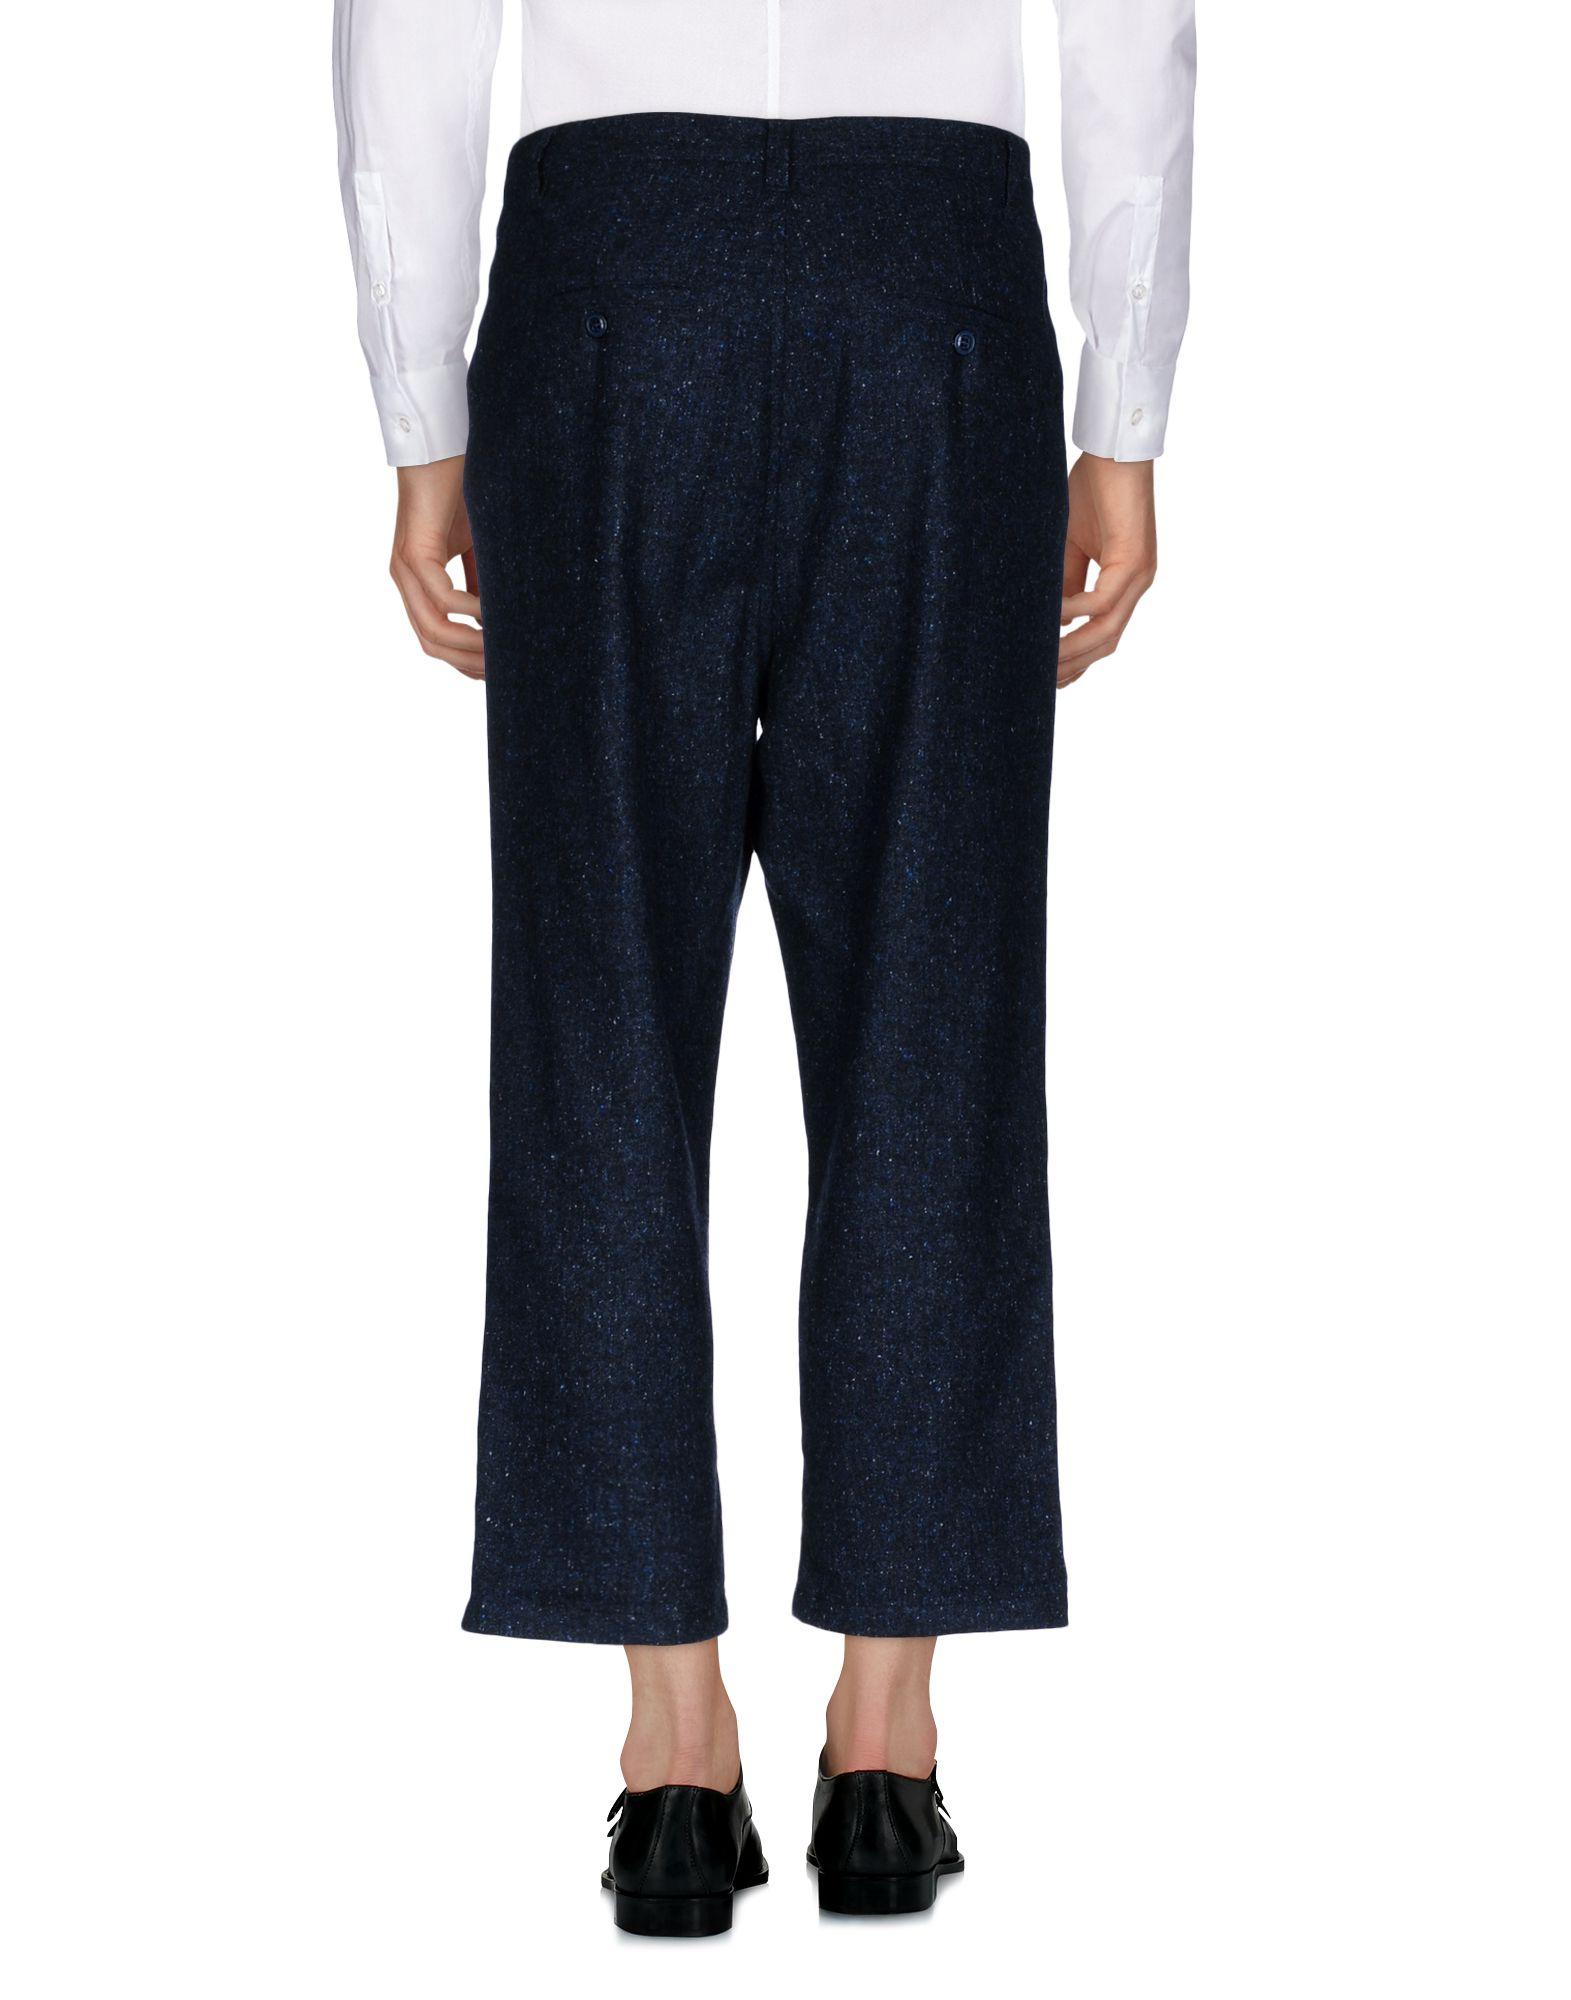 Pantalone Classico Berna Berna Berna Uomo - 13044328MM f6b6b5